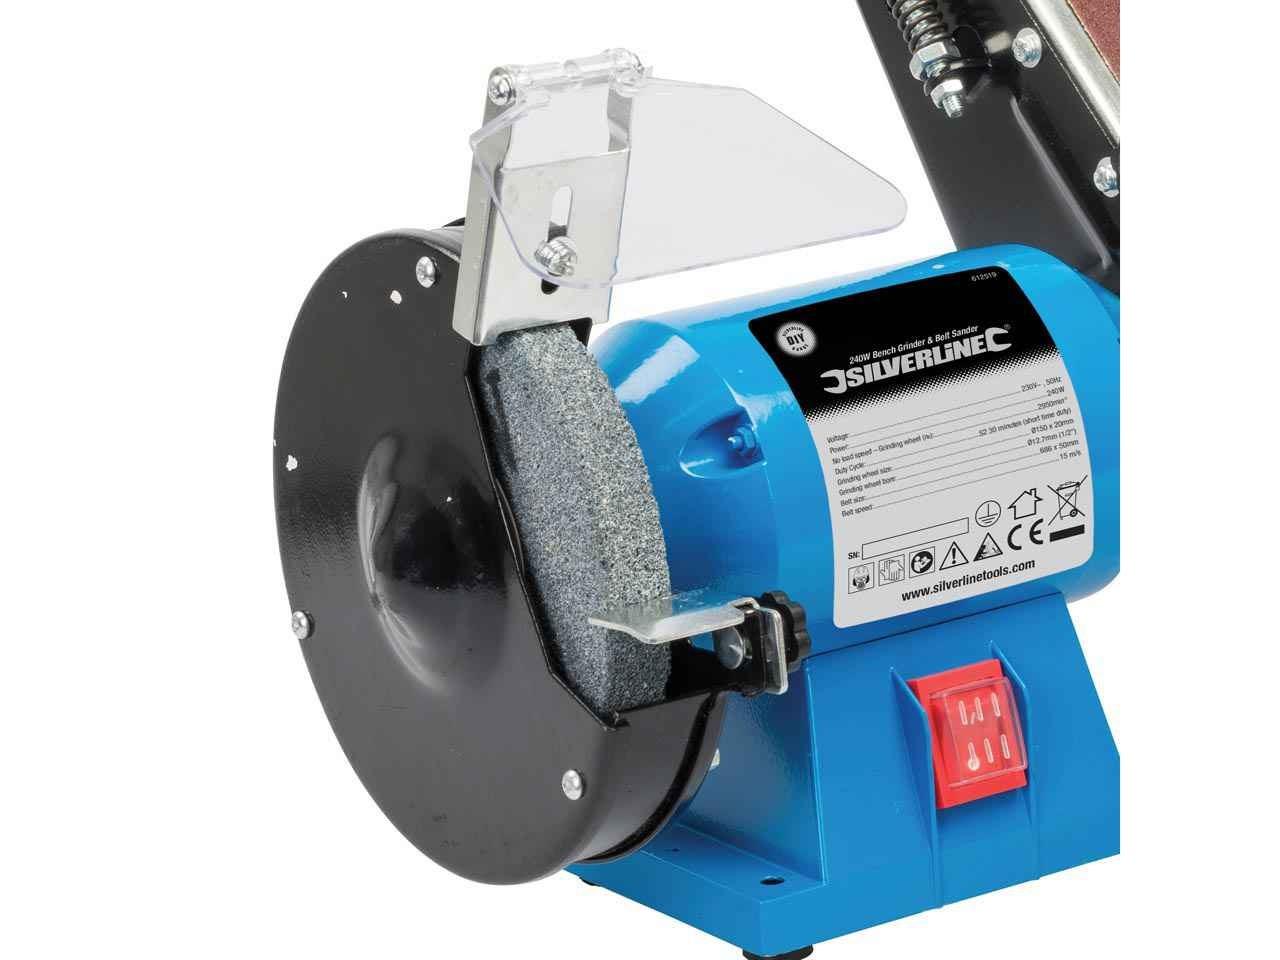 Silverline 612519 DIY 240W Bench Grinder And Belt Sander